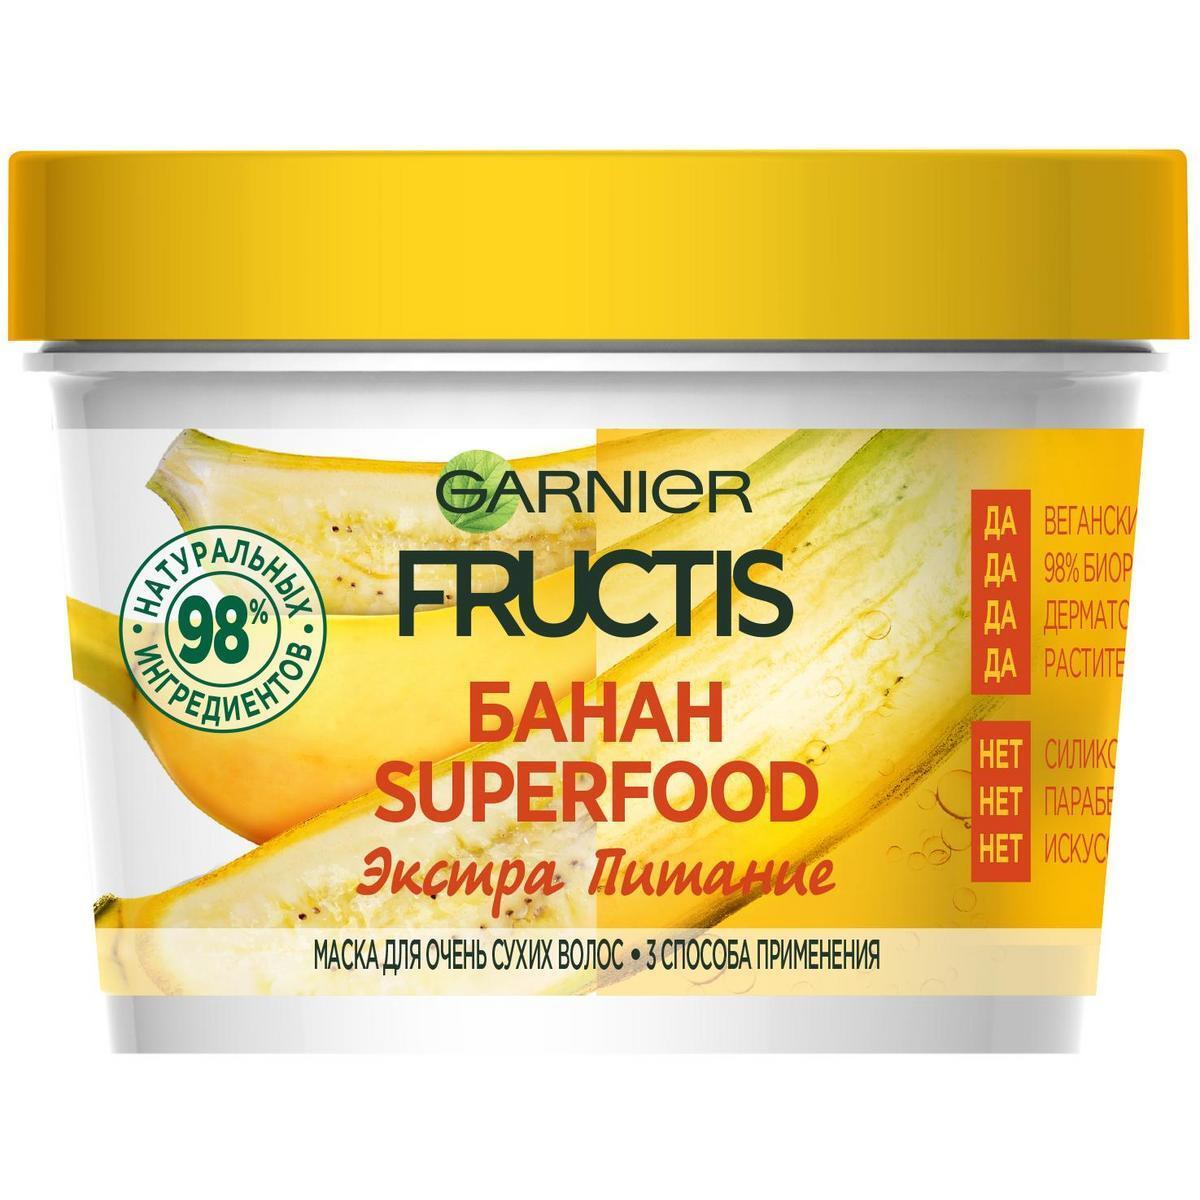 Garnier Fructis Питательная маска 3в1 Superfood Банан для очень сухих волос, без парабенов, силиконов #1